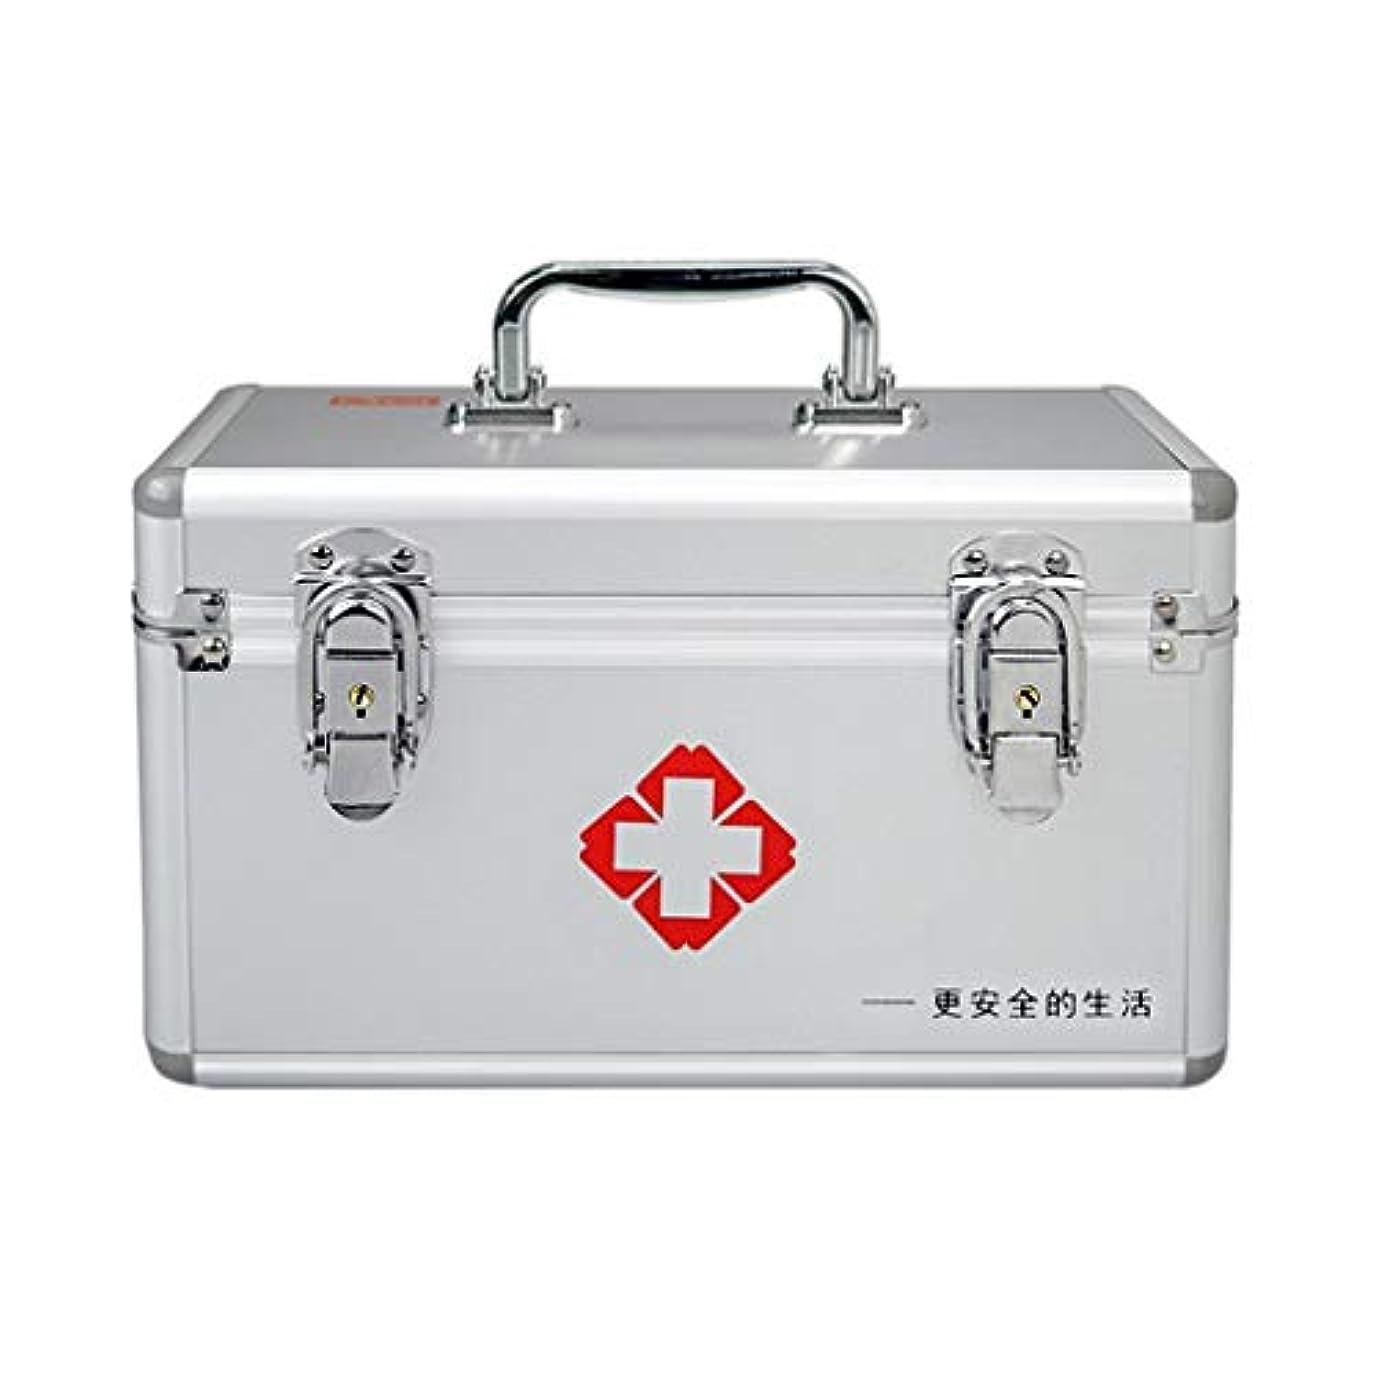 肩をすくめるシェル賞賛Yxsd 応急処置キット収納ボックス、ロック可能な2層応急処置ケース、アルミフレーム医療収納容器ボックス (Size : 16inch)